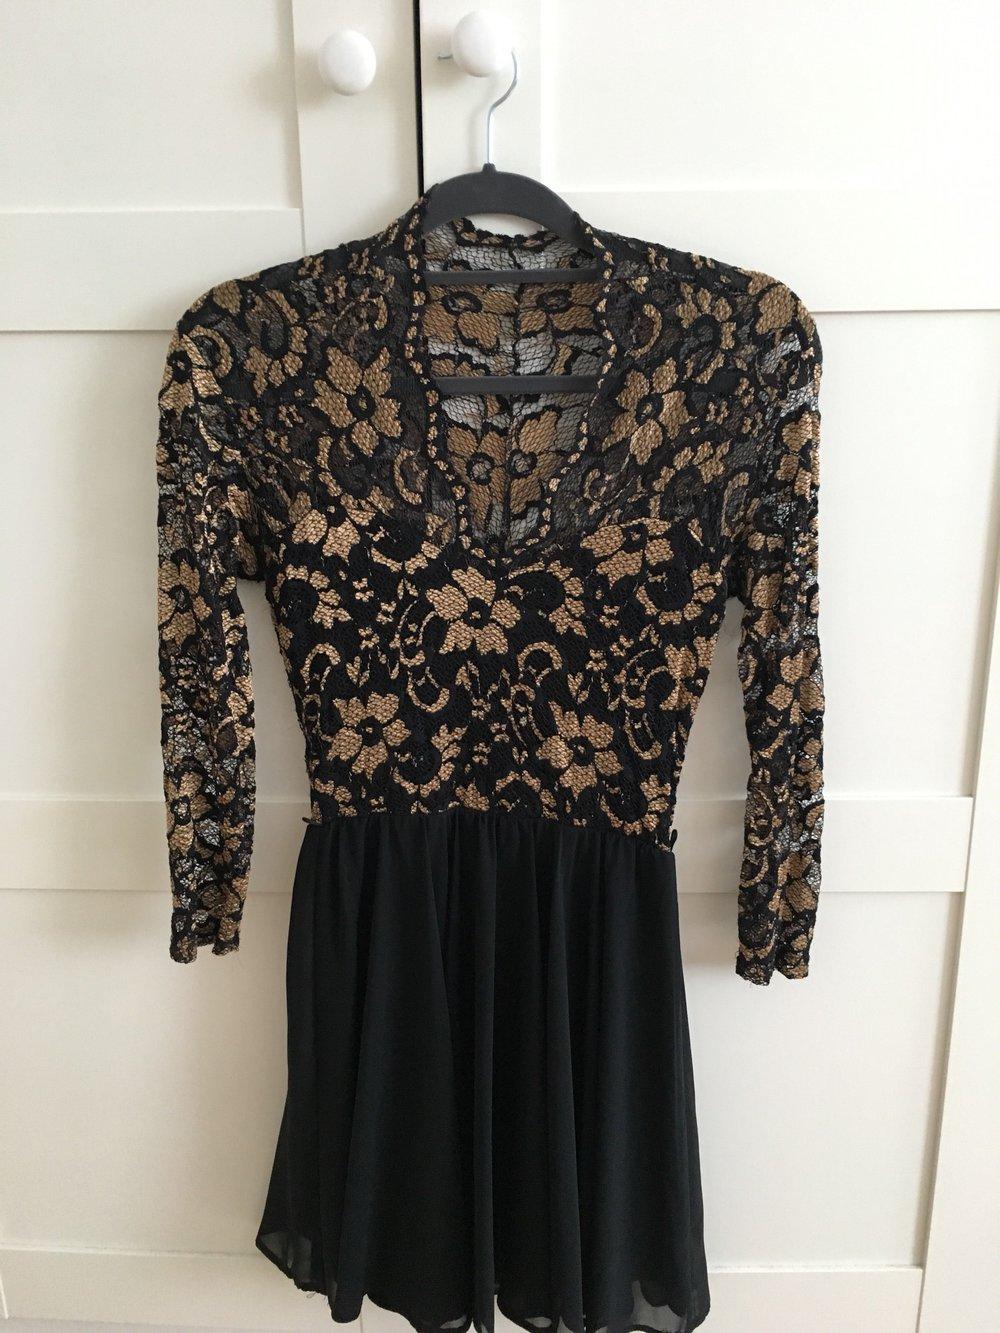 Kleid oben gold unten schwarz